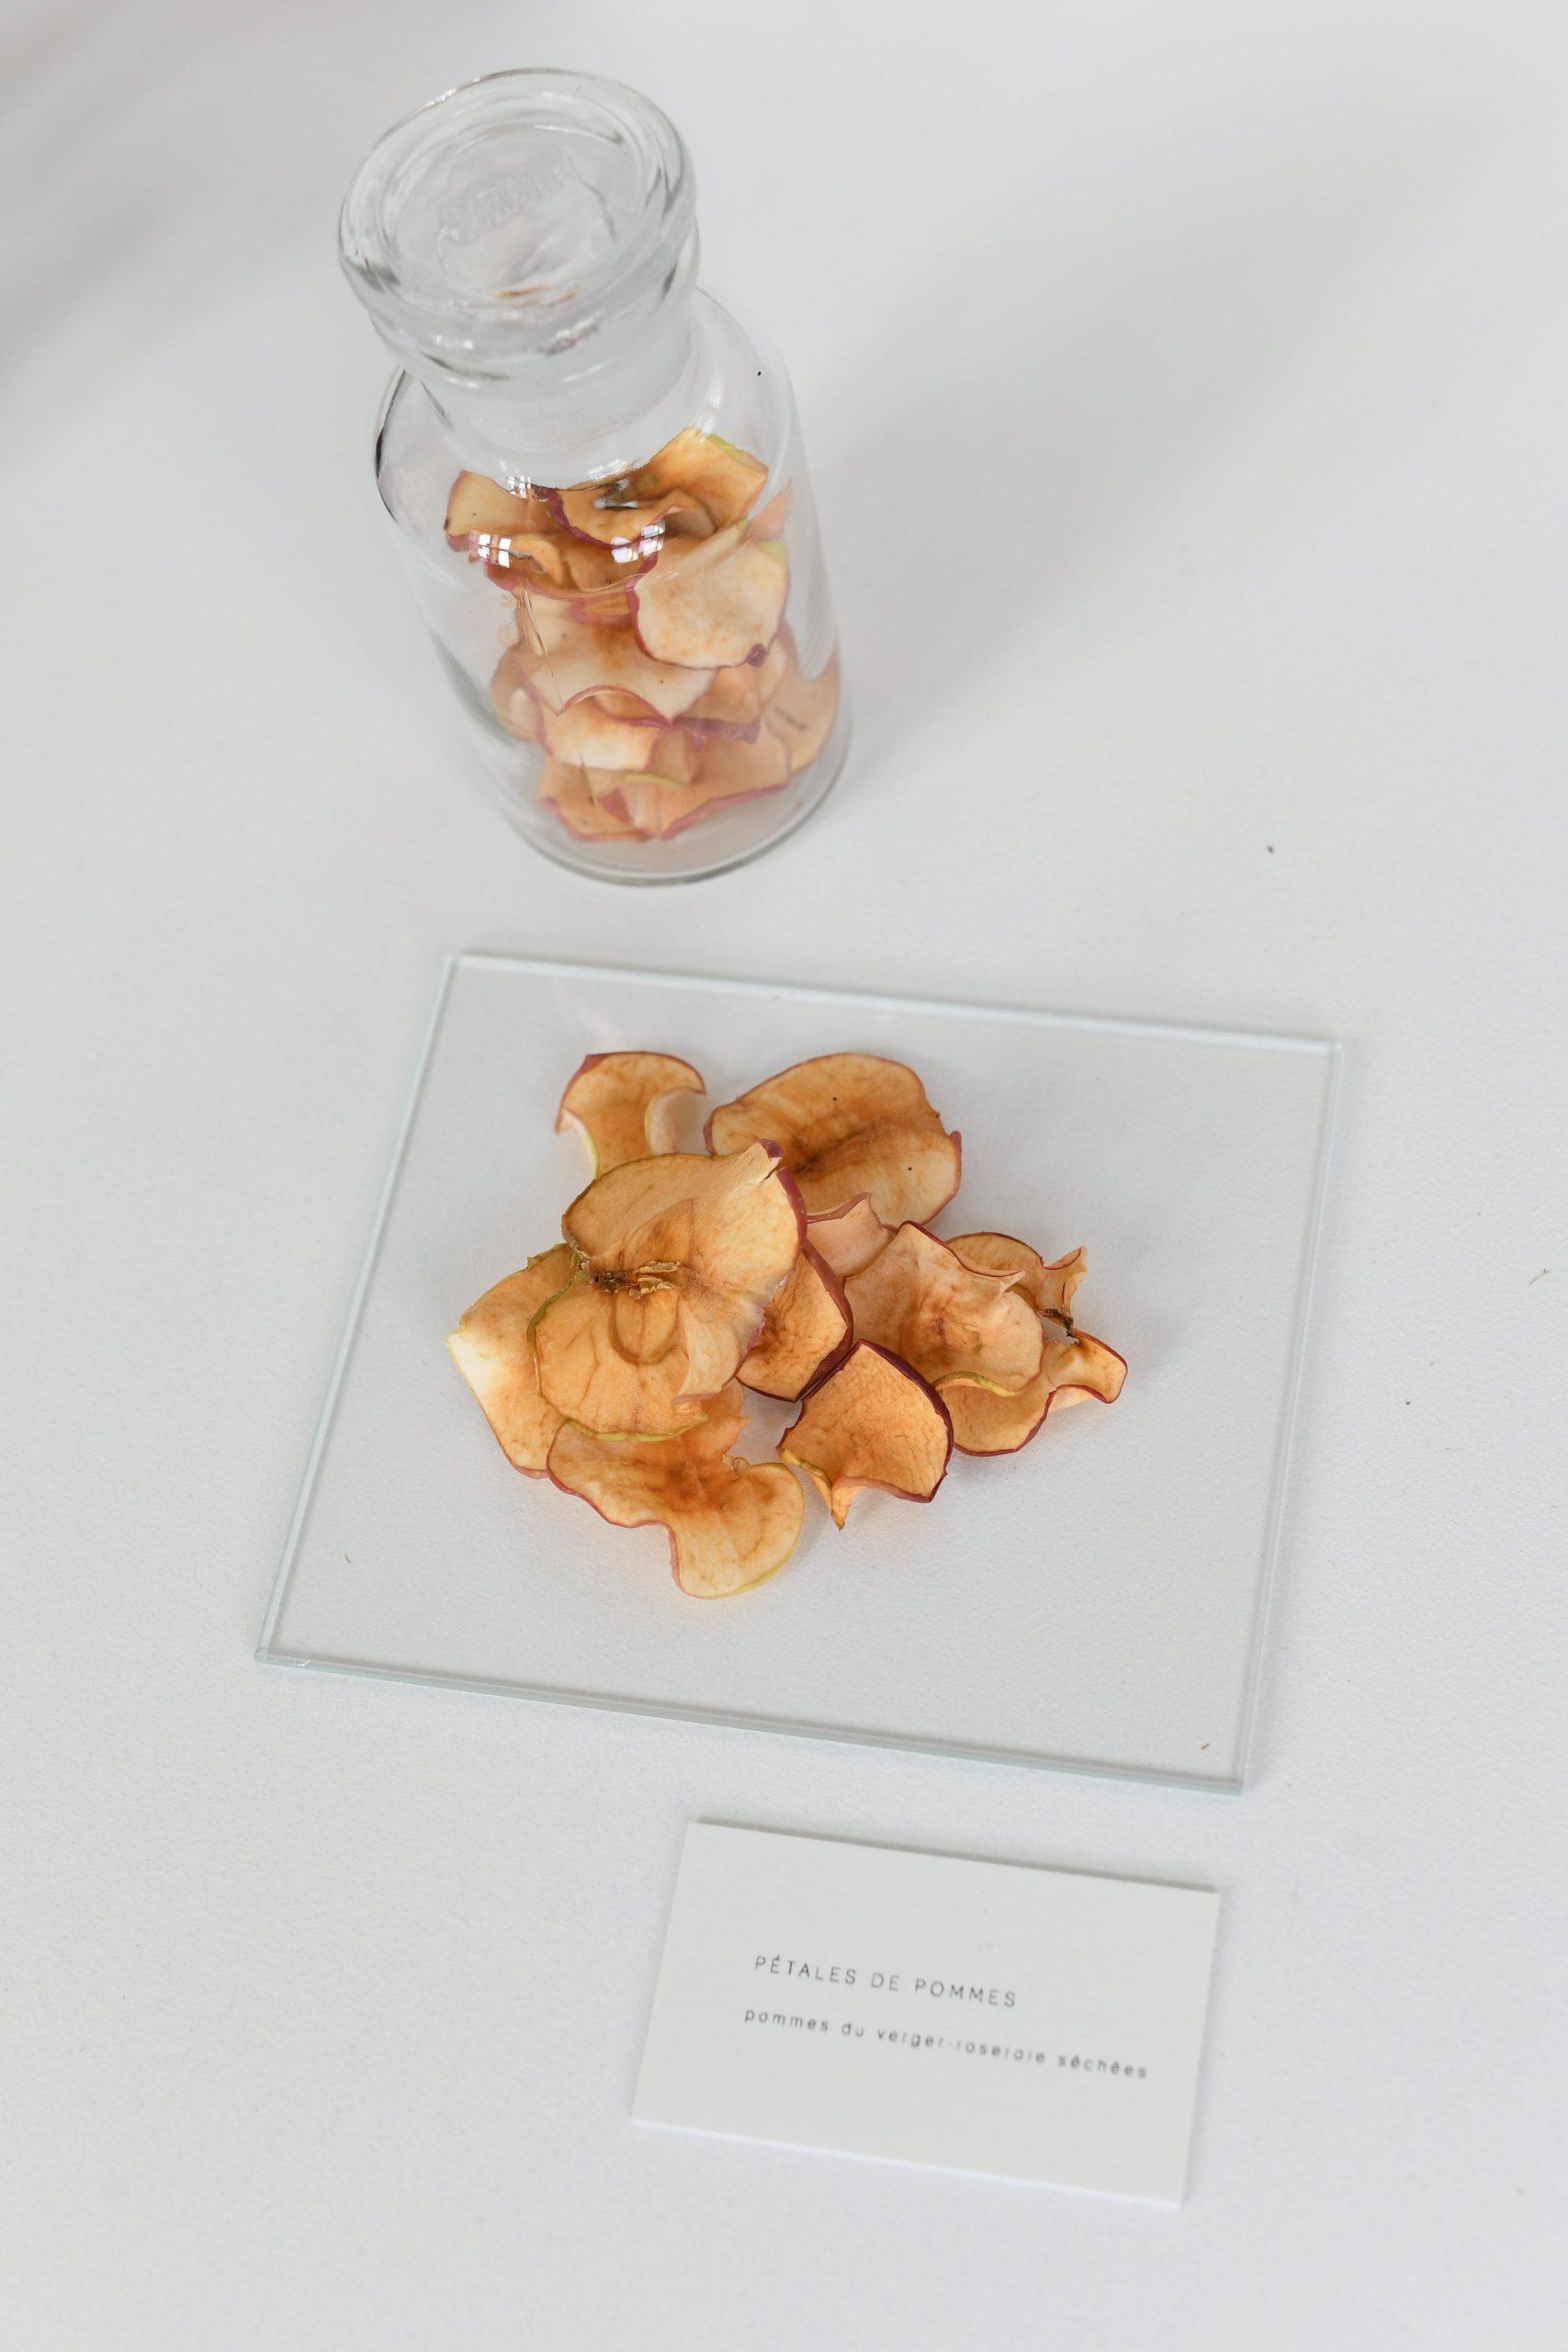 Evocations sensorielles - Pétales de pommes du verger-roseraie d'Albert Kahn